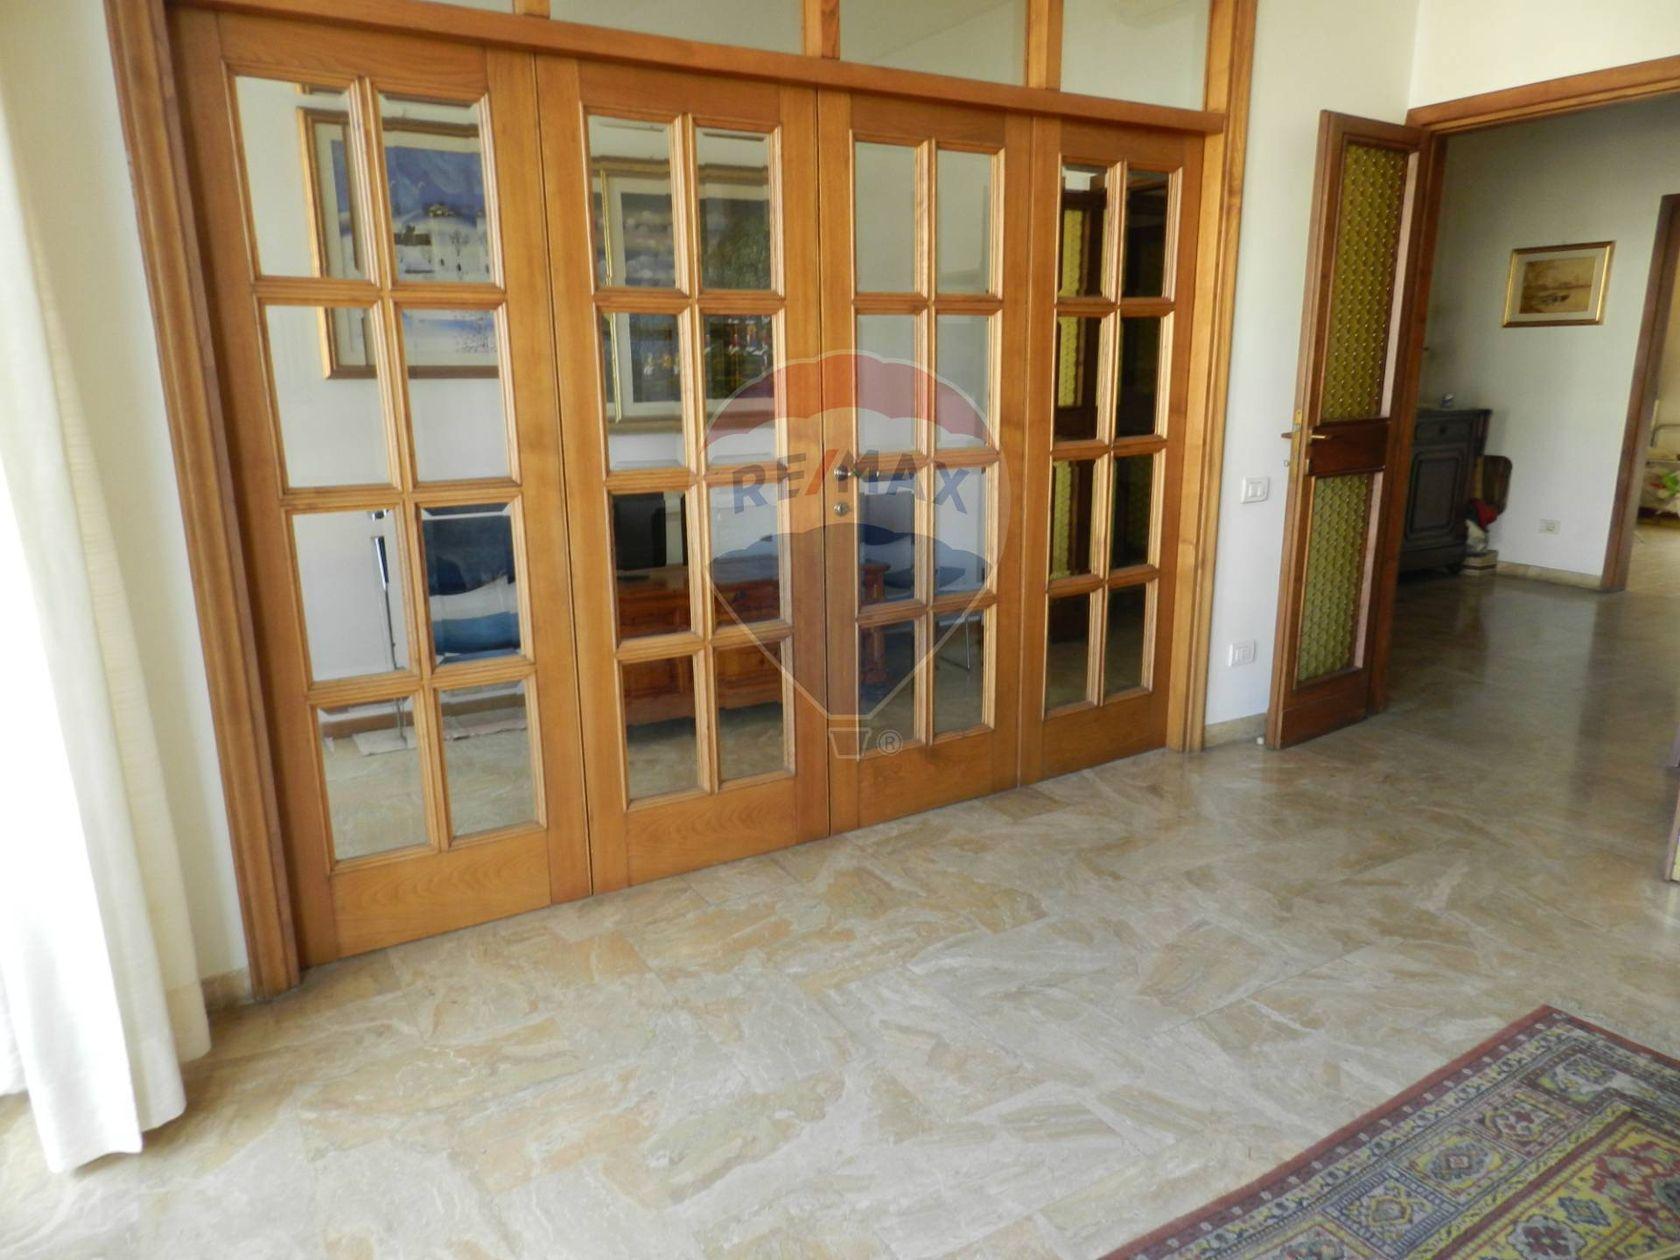 Appartamento Firenze - Porta A Prato San Jacopino Fortezza, Firenze, FI Vendita - Planimetria 3